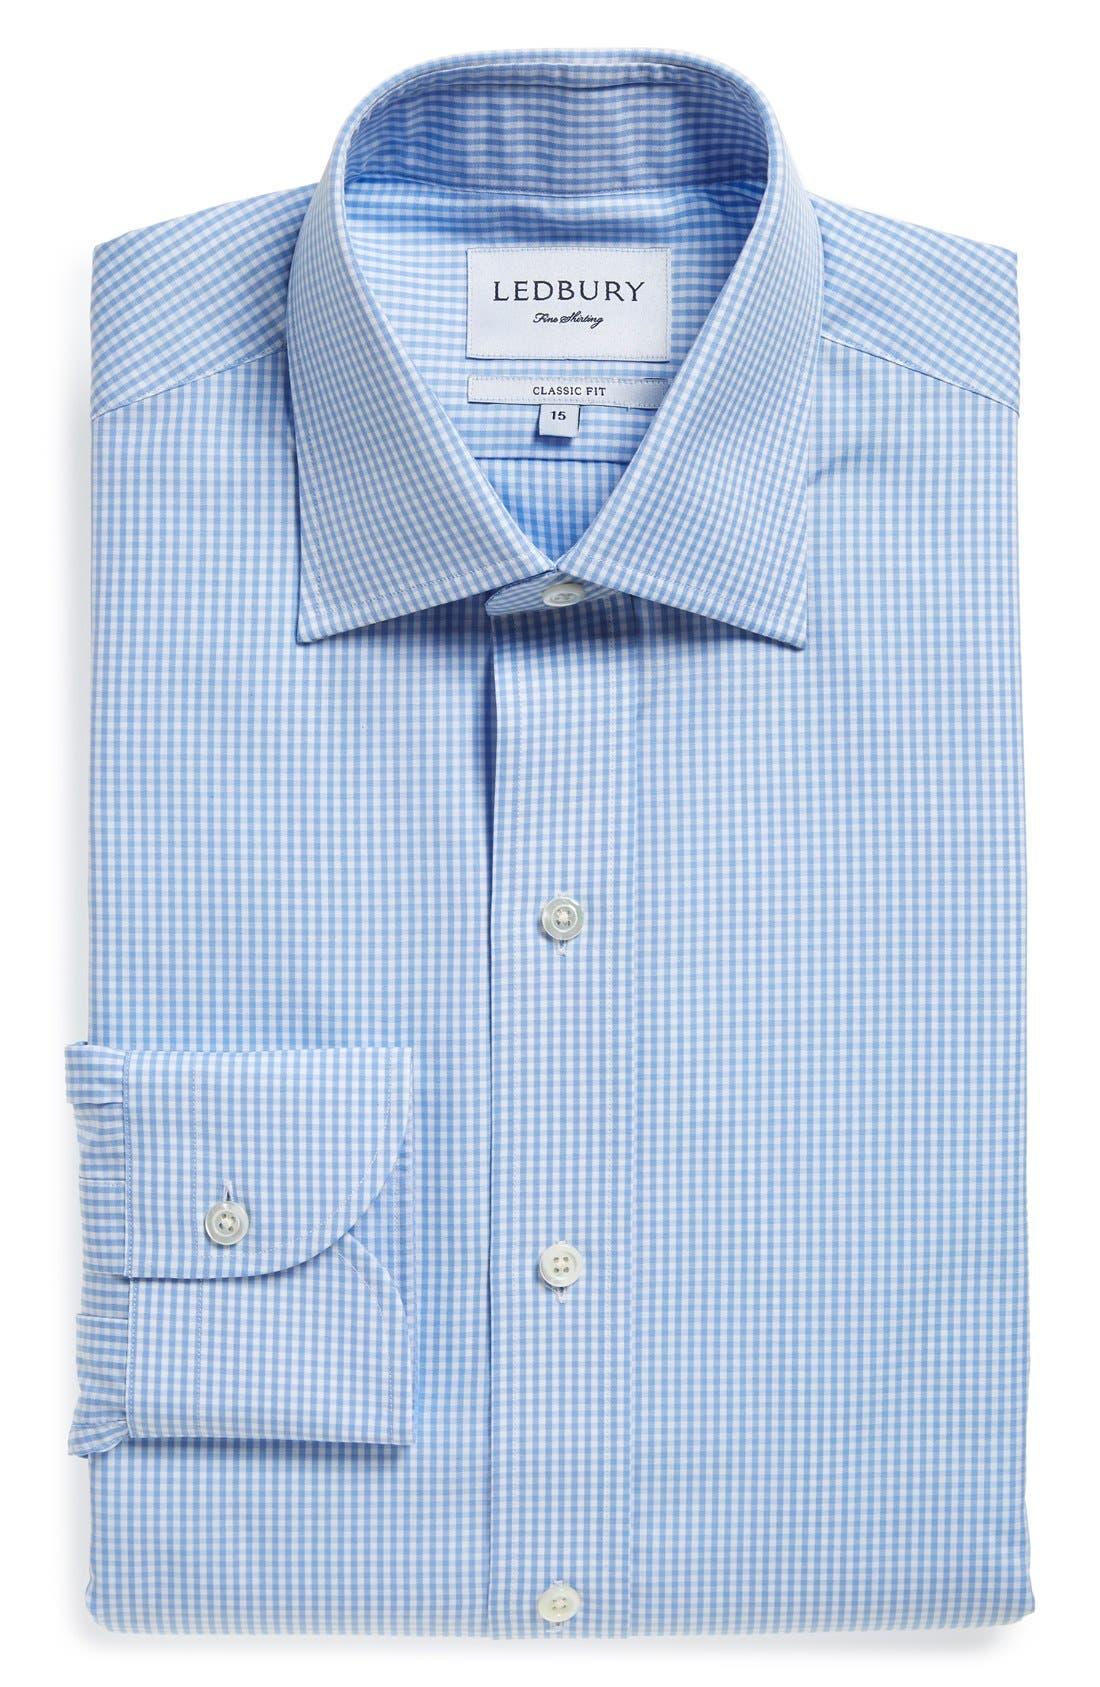 Ledbury Classic Fit Gingham Dress Shirt